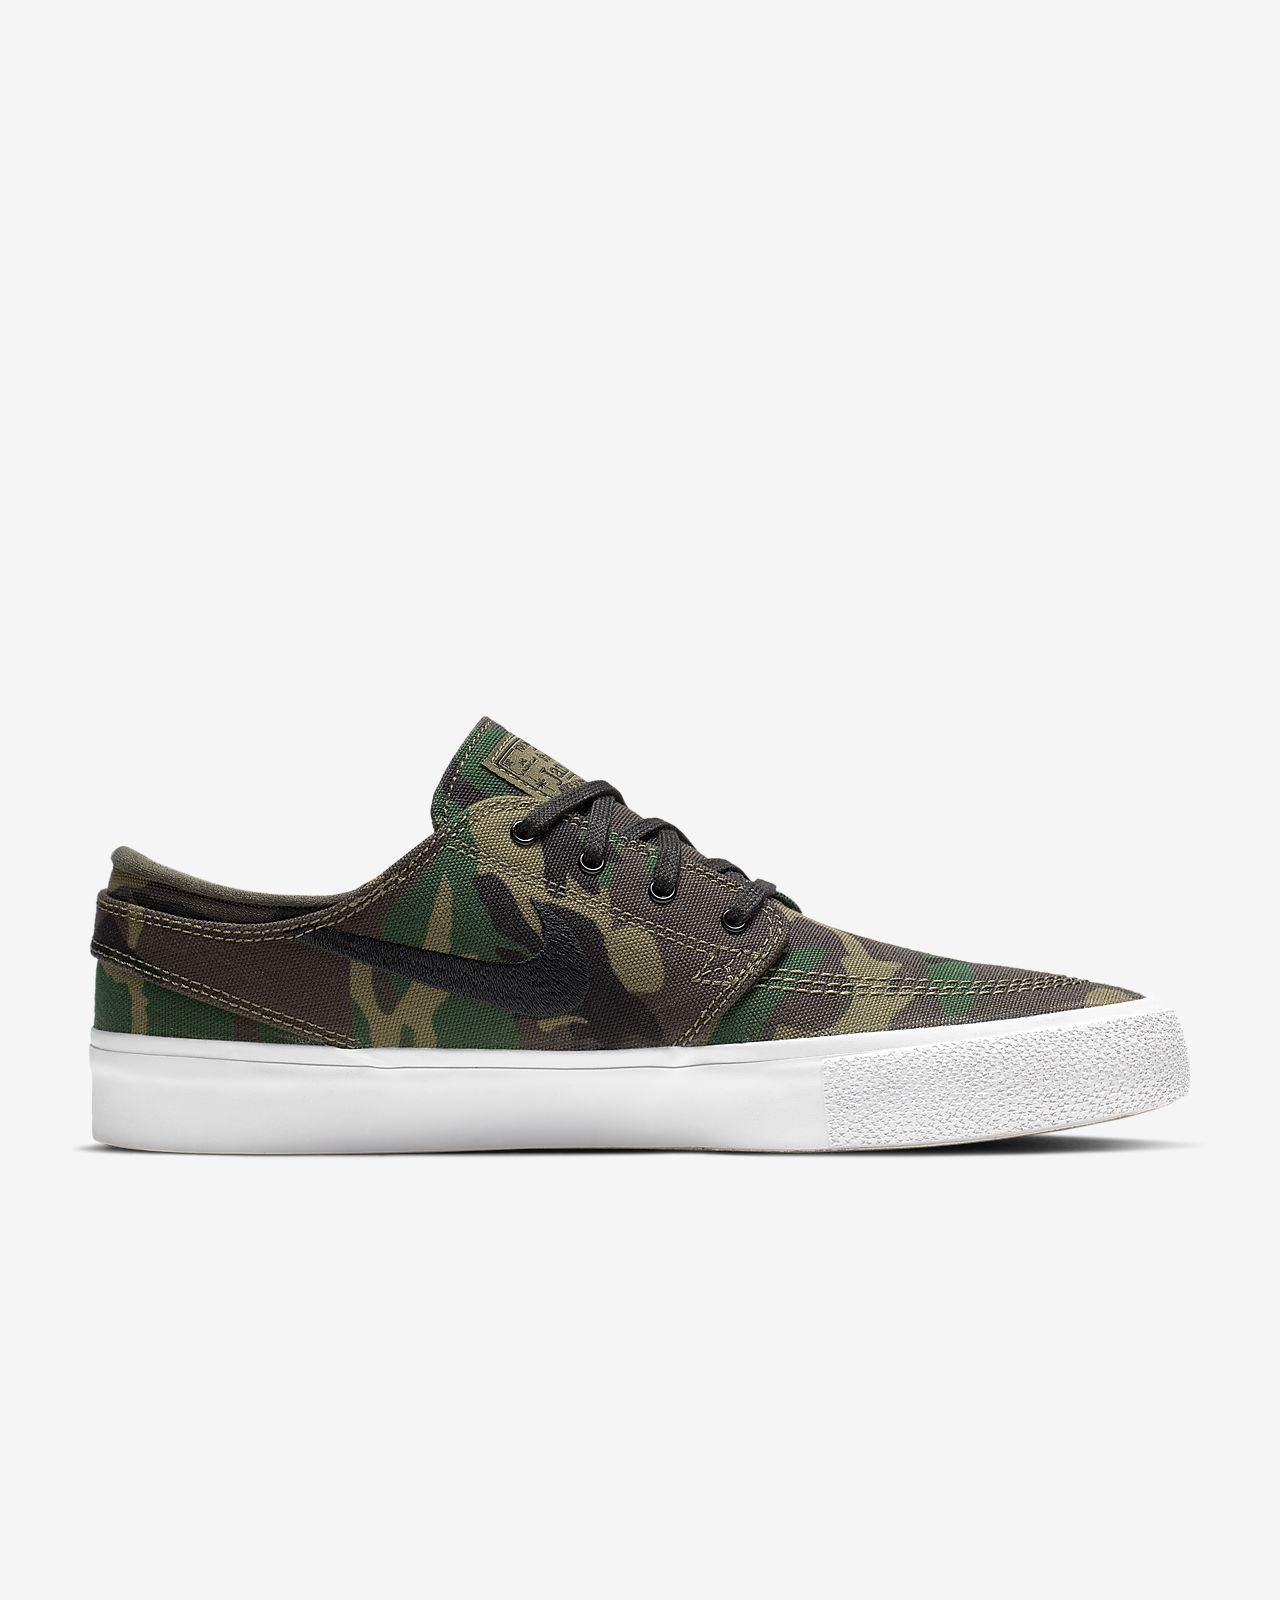 watch 55e86 409cd ... Nike SB Zoom Stefan Janoski Canvas RM Premium Skate Shoe